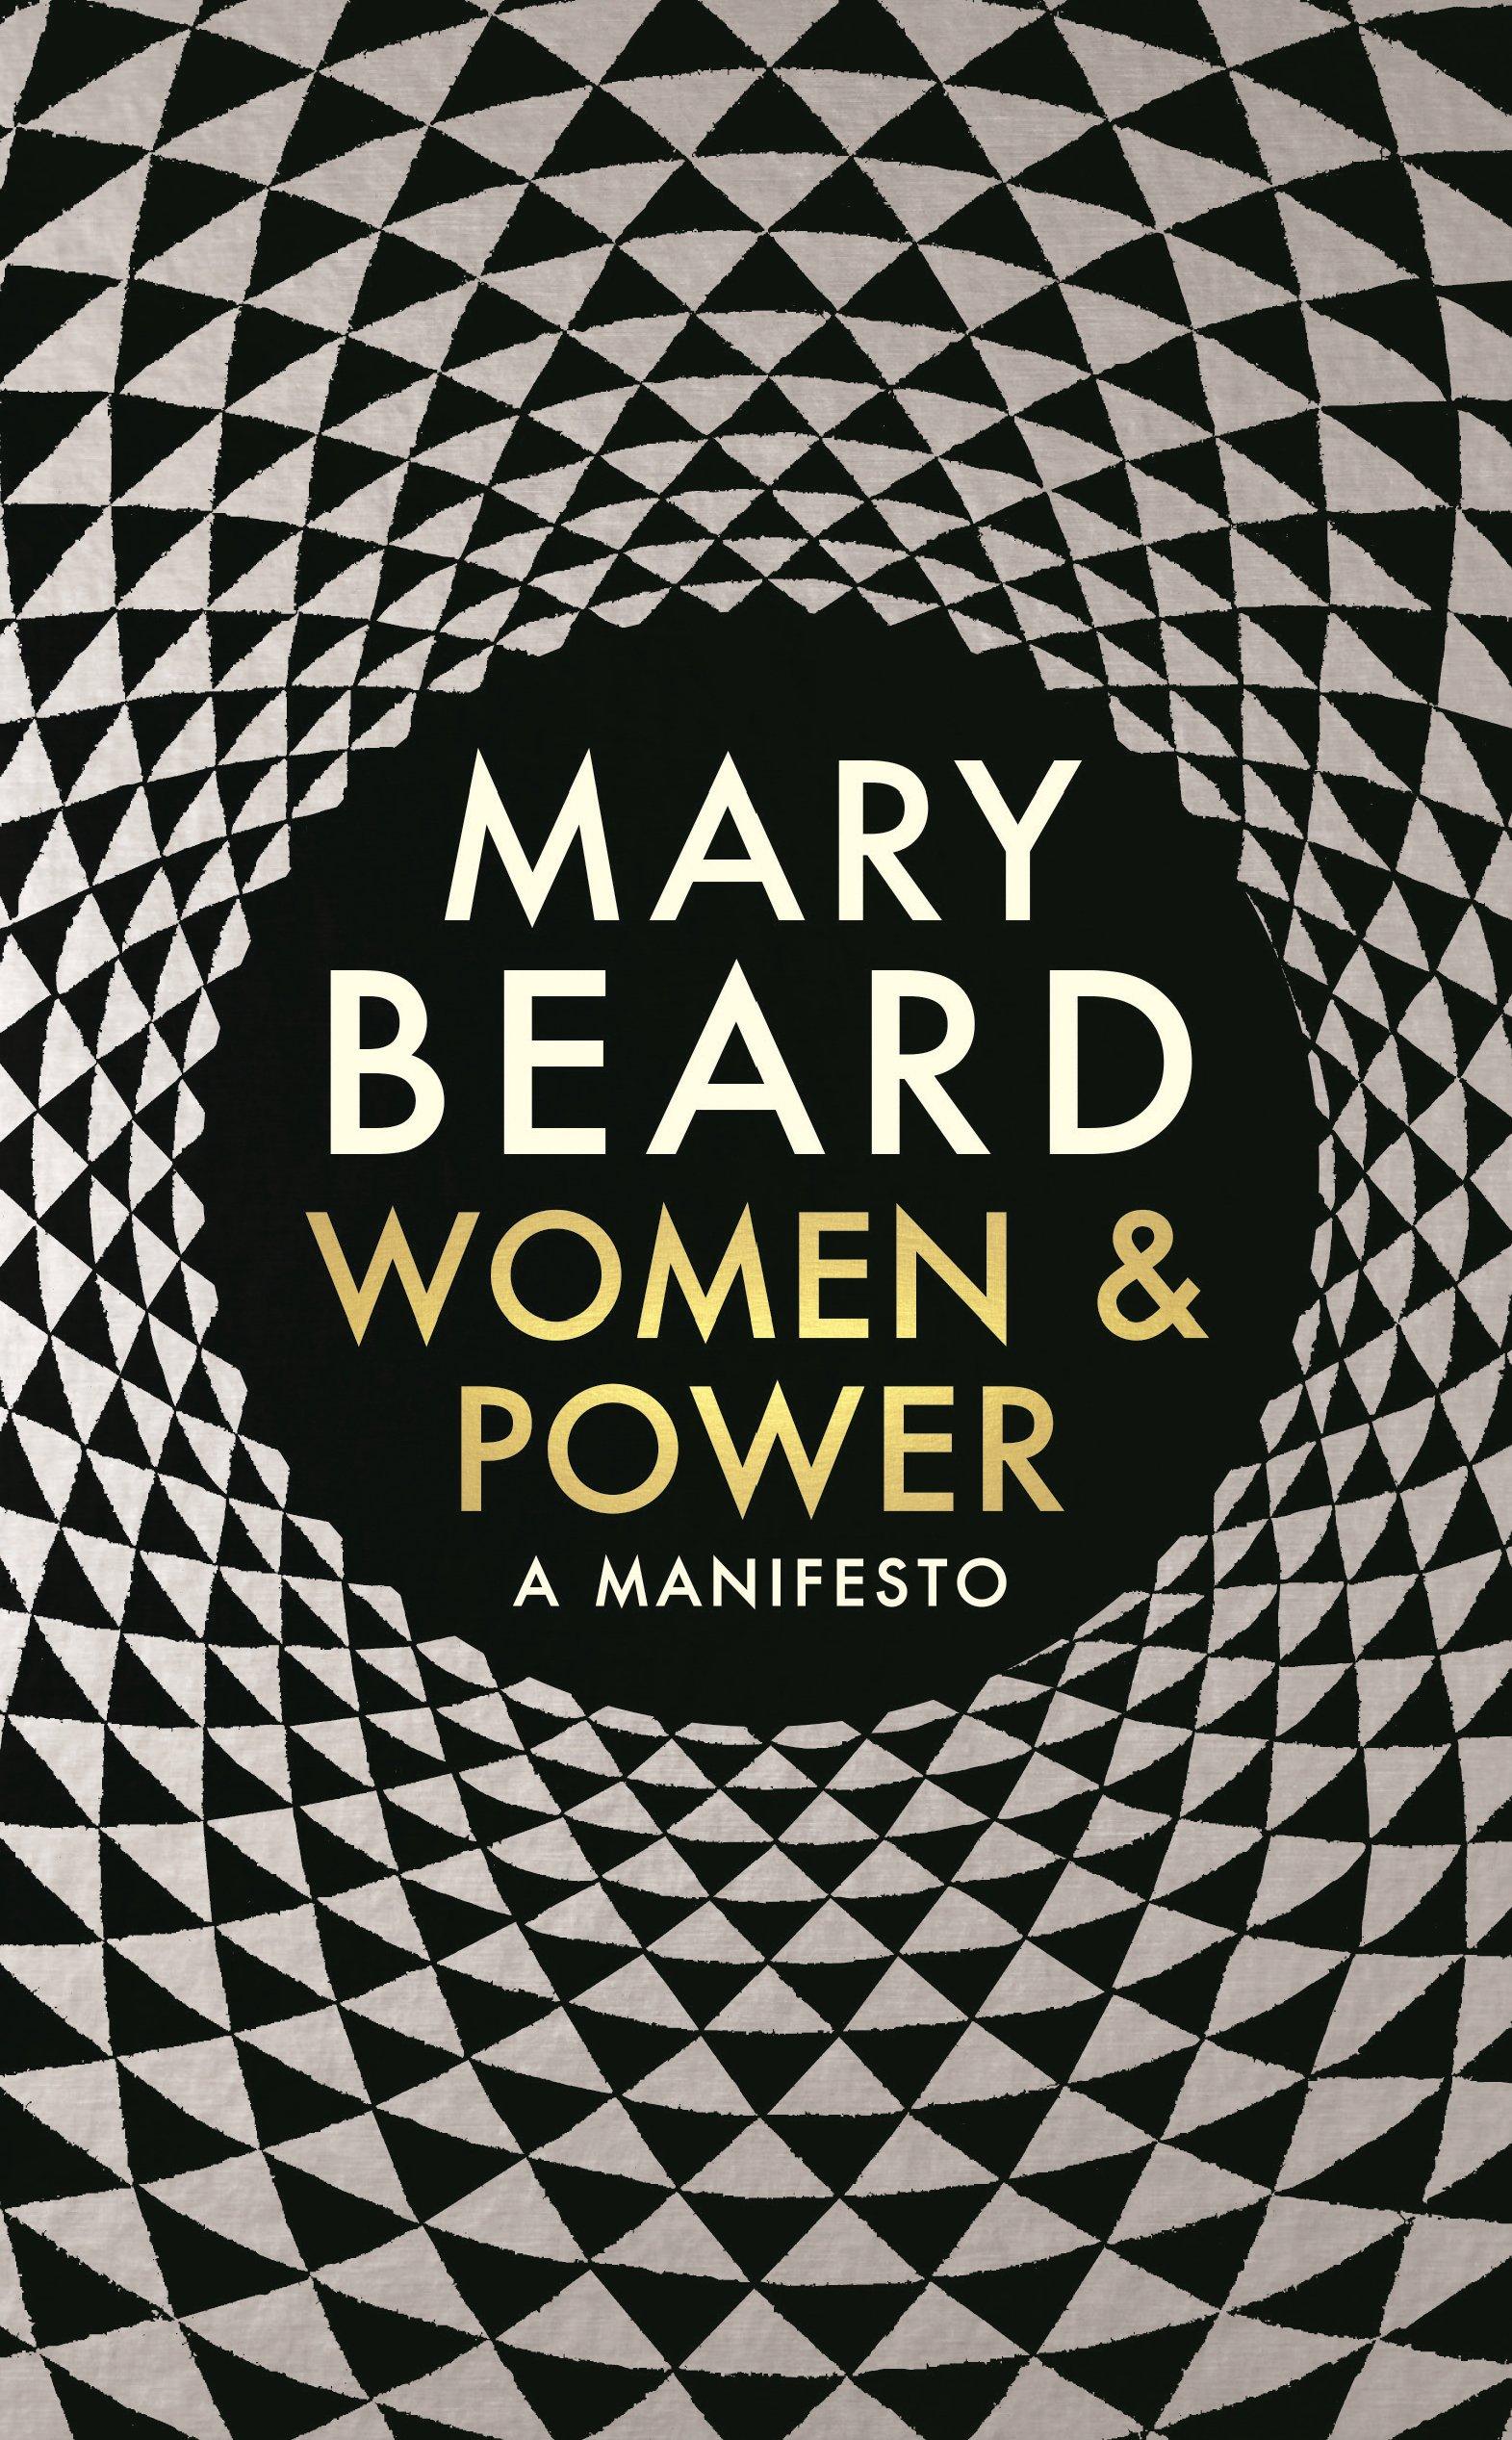 Women & Power, by Mary Beard